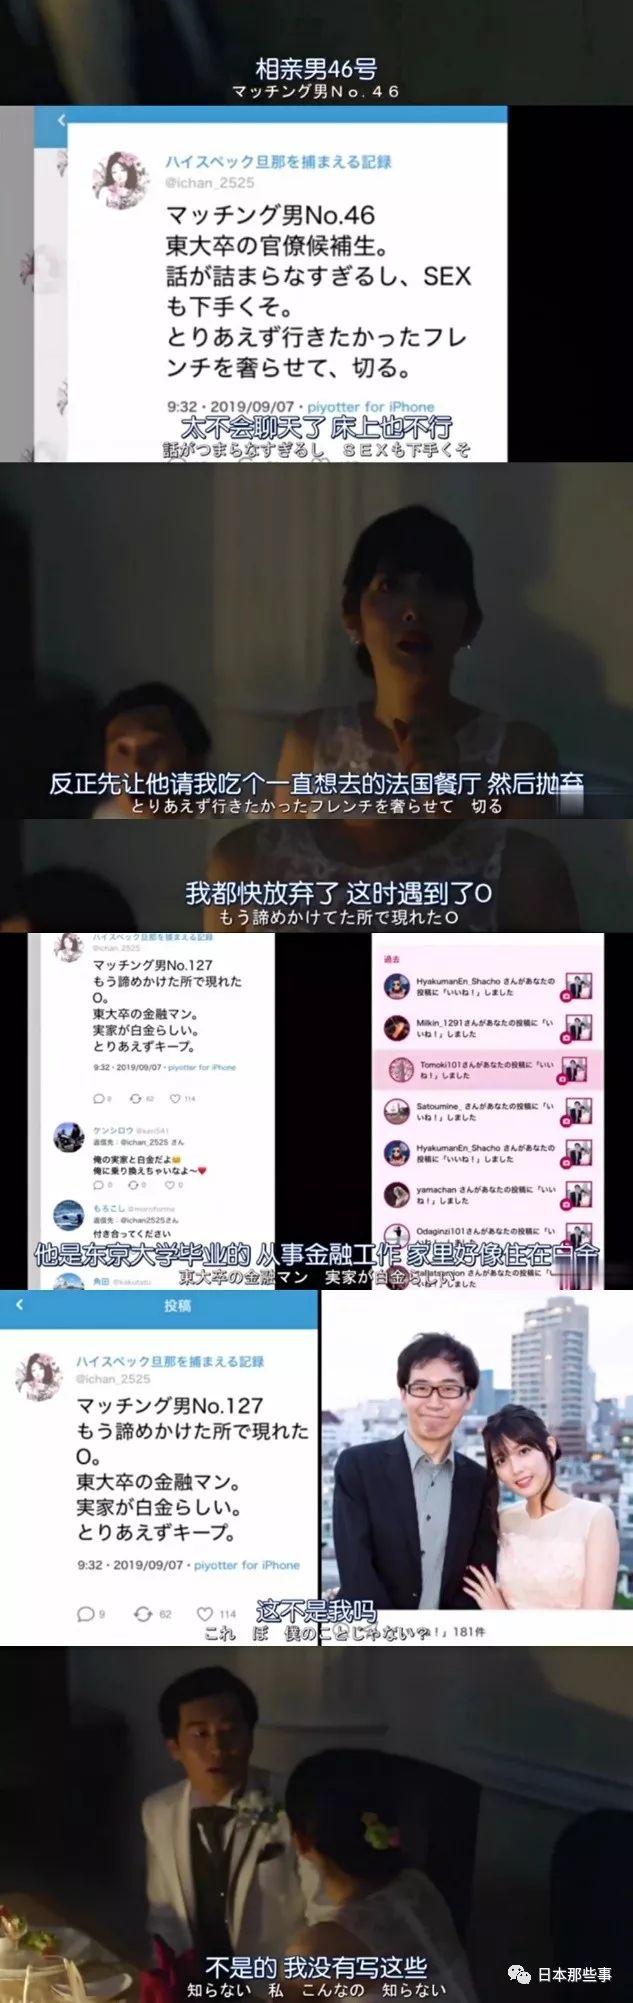 日本网剧题材刺激 讲述社交网站可怕之处